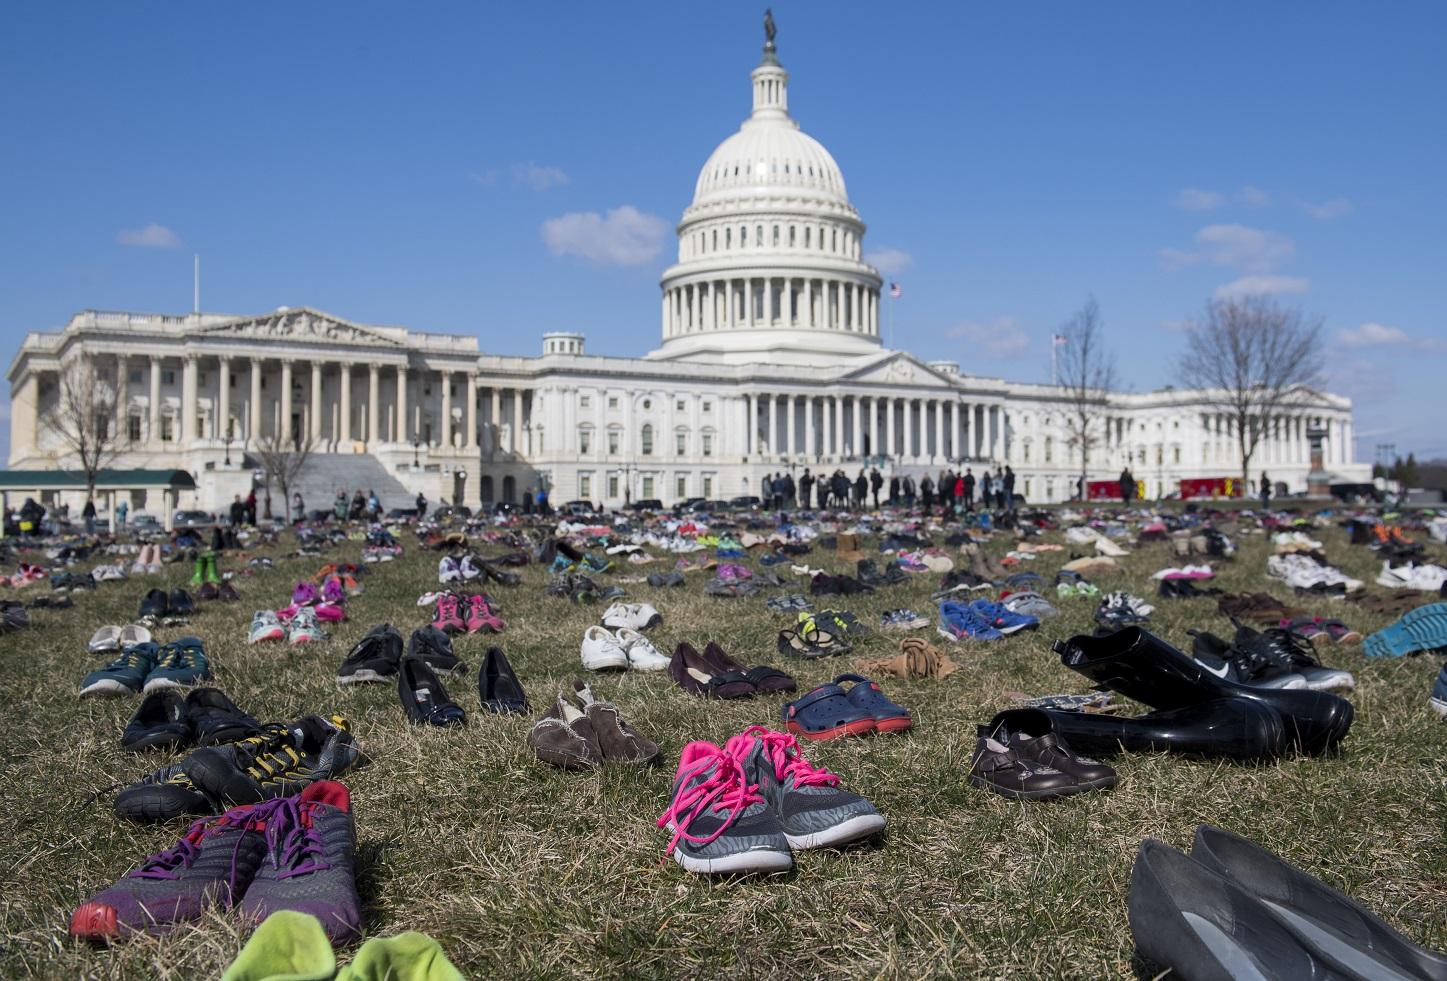 Em um protesto em frente ao Capitólio, em Washington, sete mil pares de calçados lembram as crianças mortas por arma de fogo no país. Foto Saul Loeb/AFP